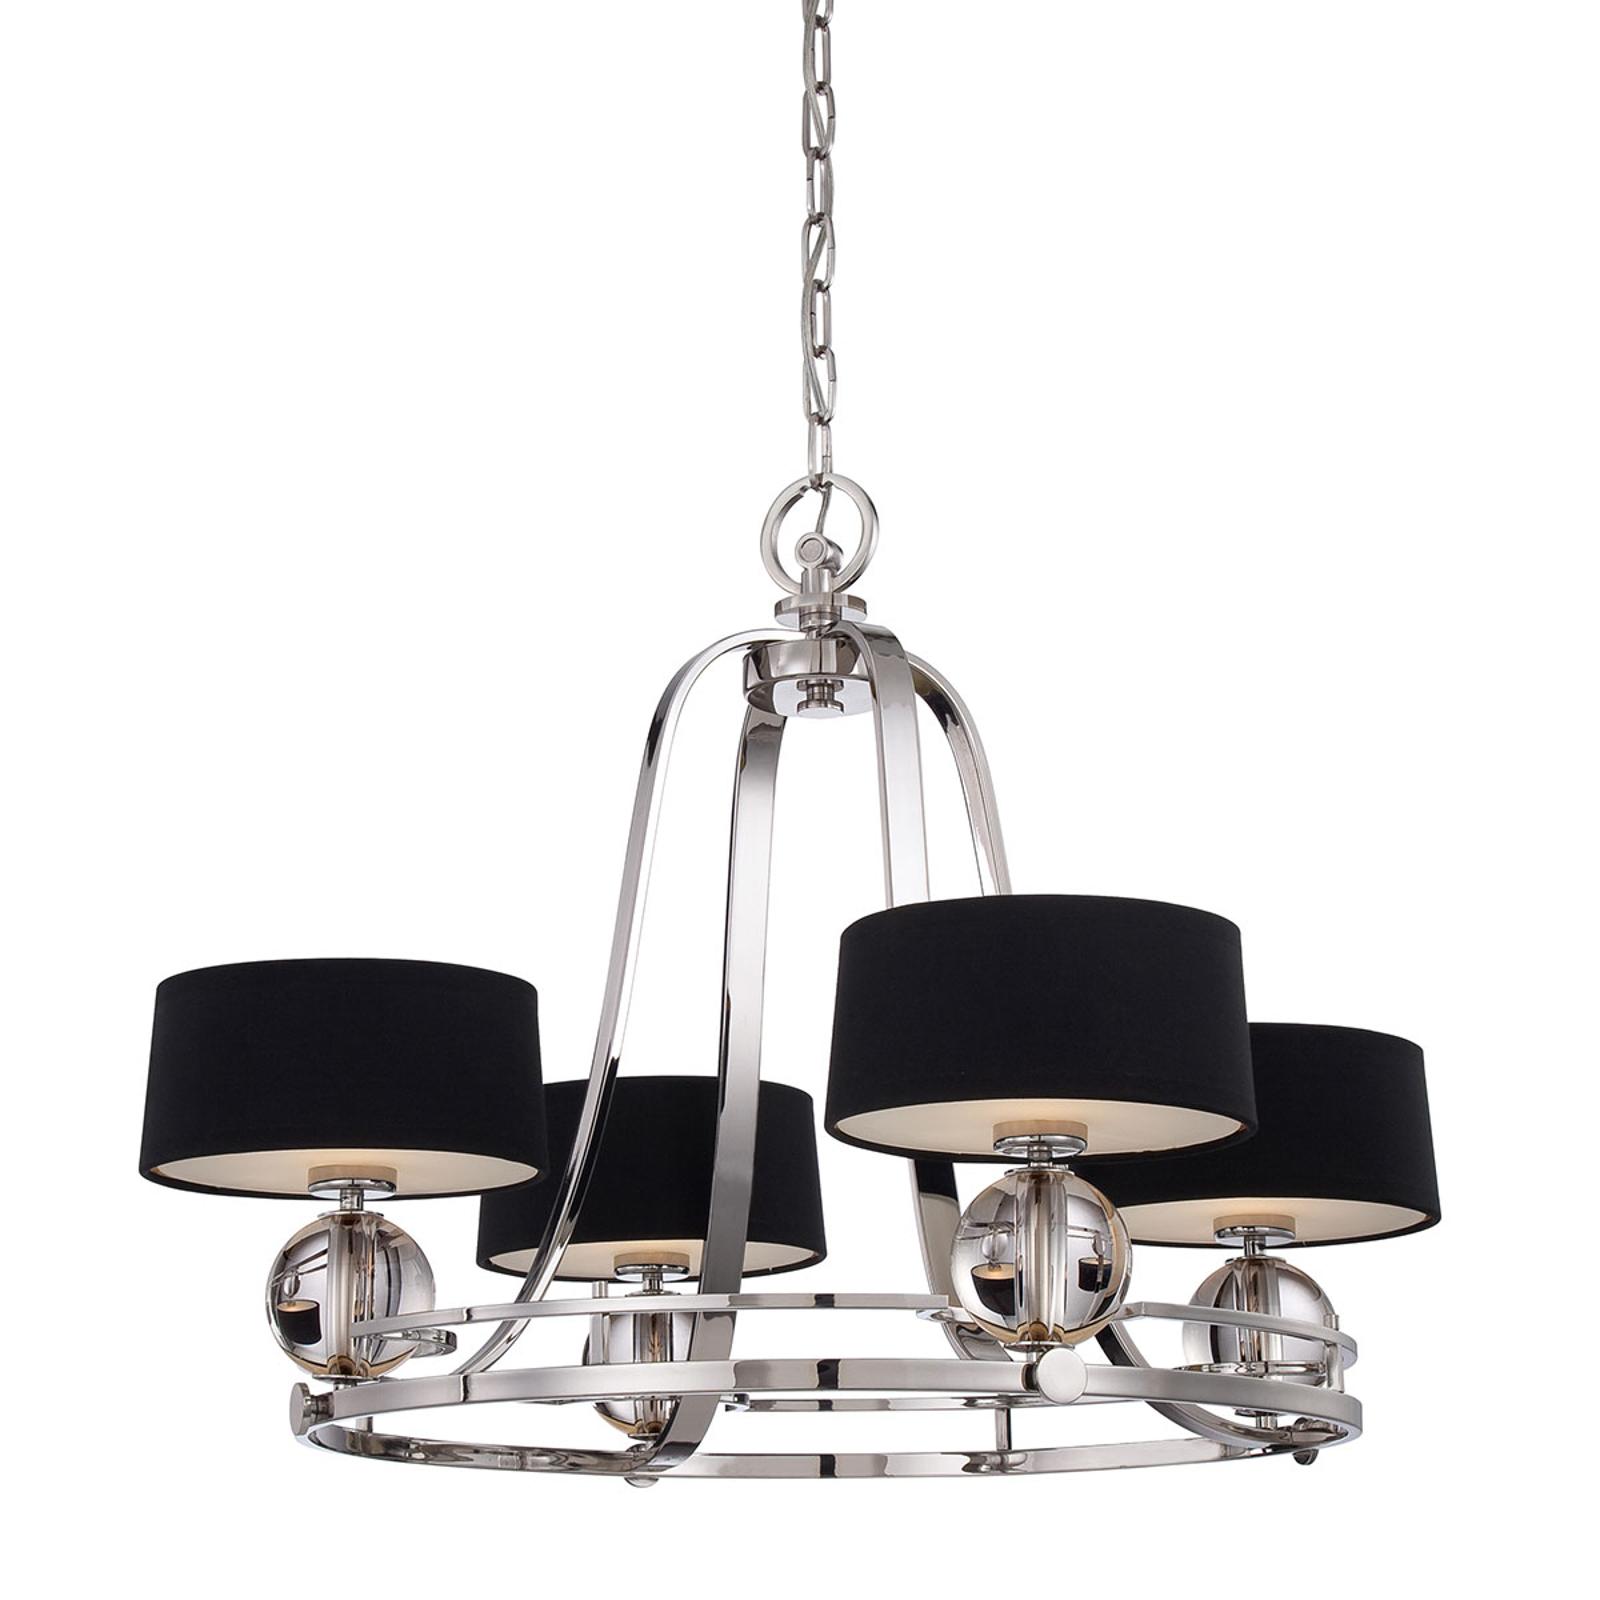 Lámpara de araña Gotham 4 luces pantallas textiles